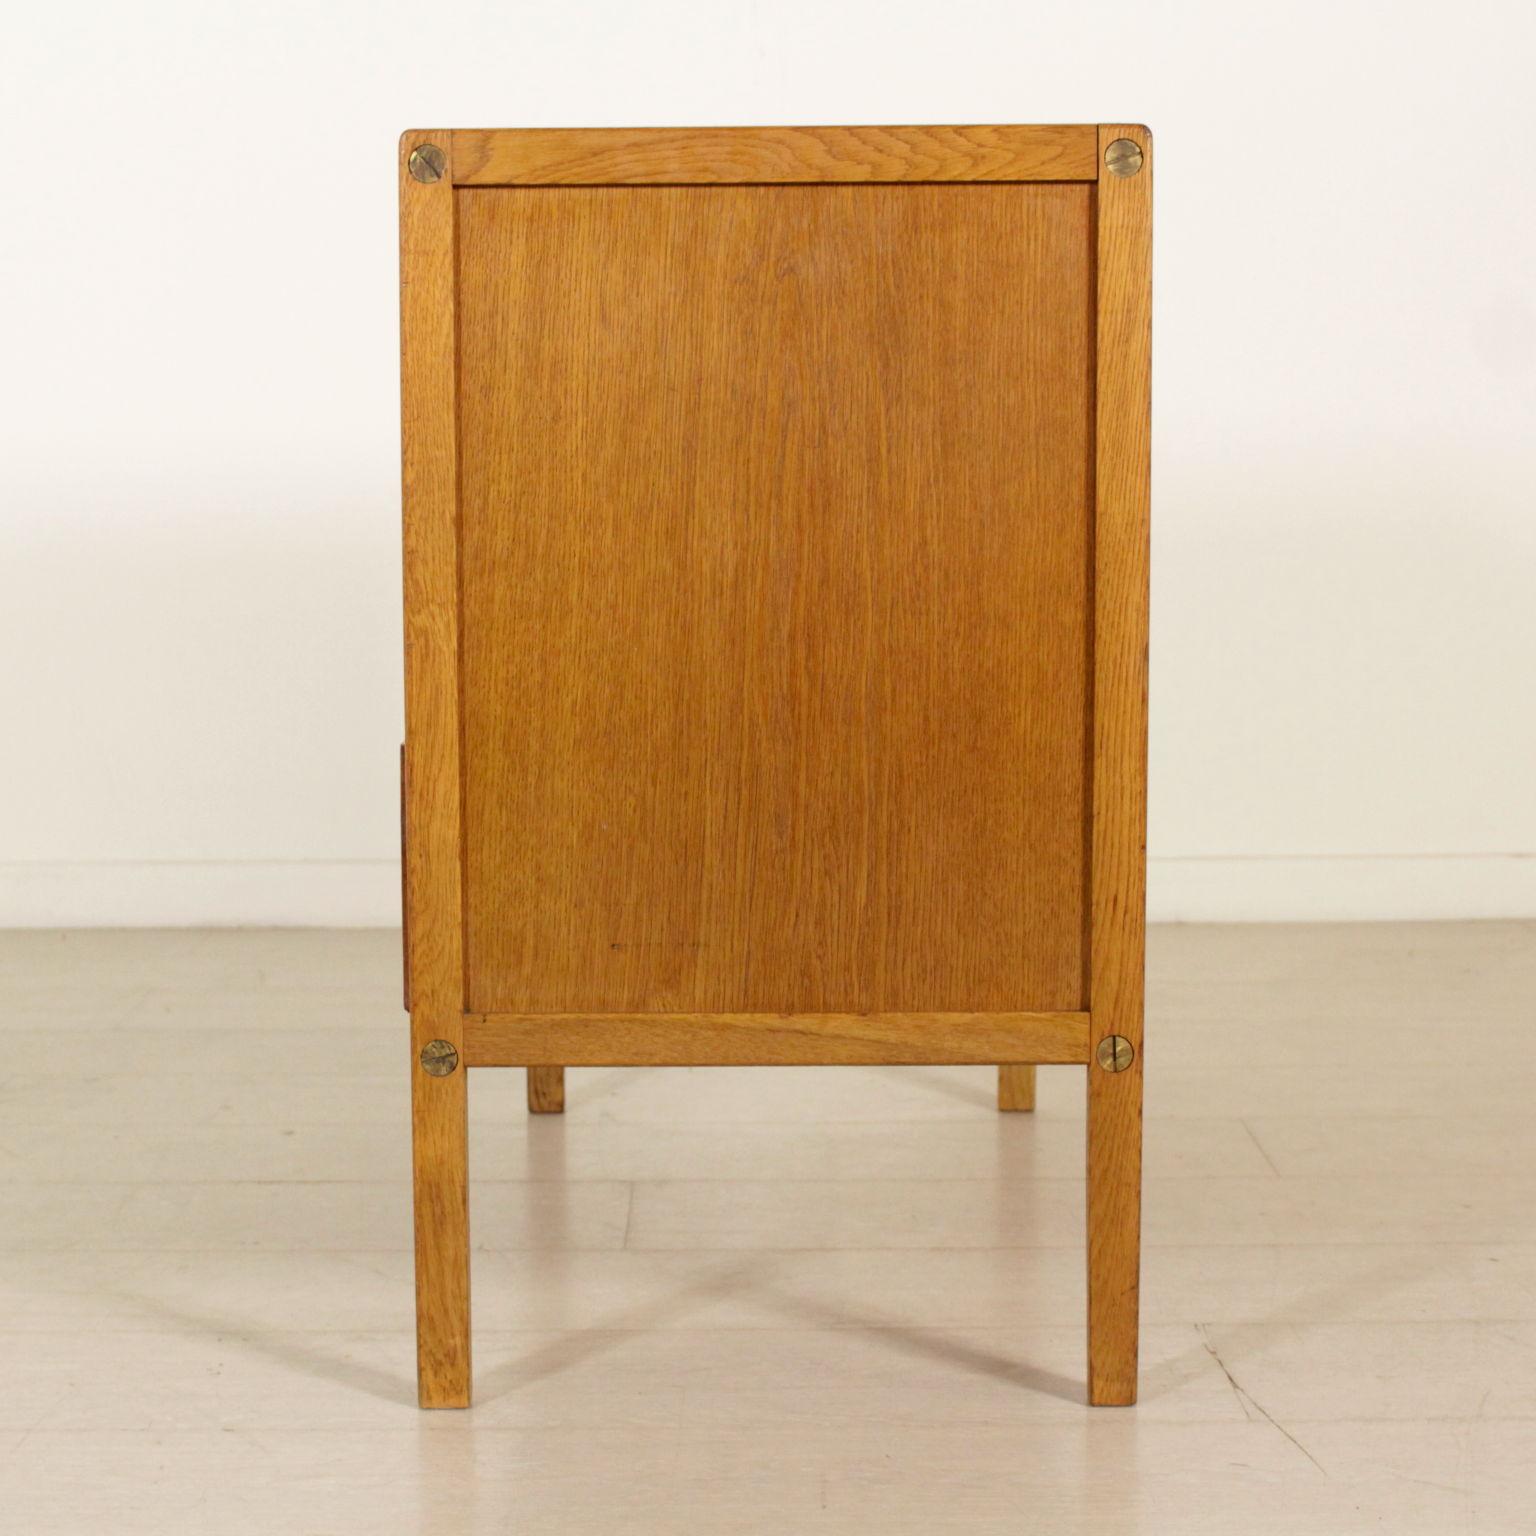 Pecho de cajones suecos muebles dise o moderno for Muebles suecos